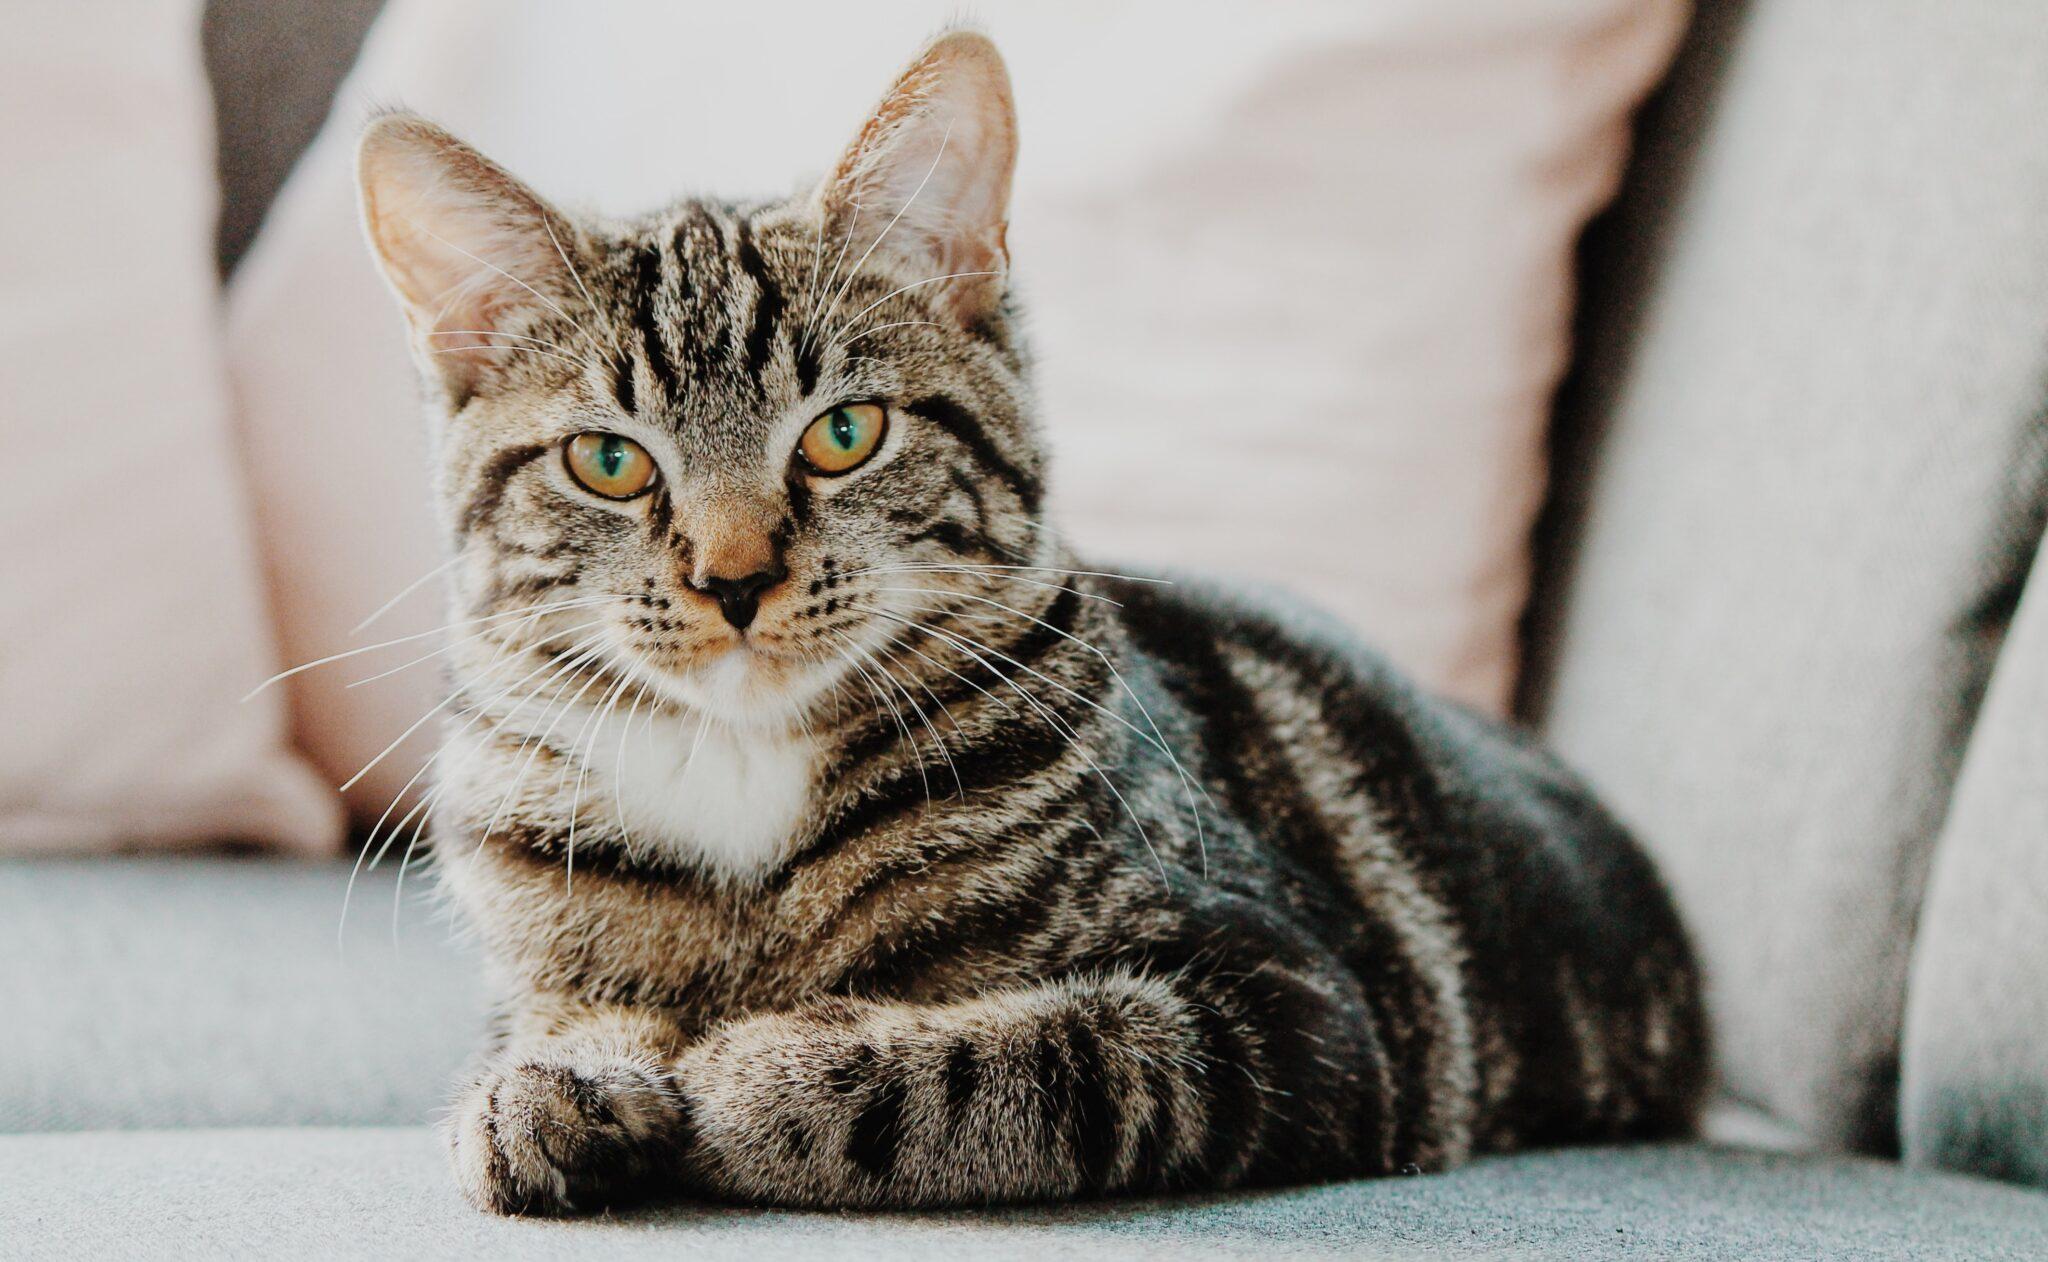 Die Katzen verhielten sich im Experiment unvoreingenommen